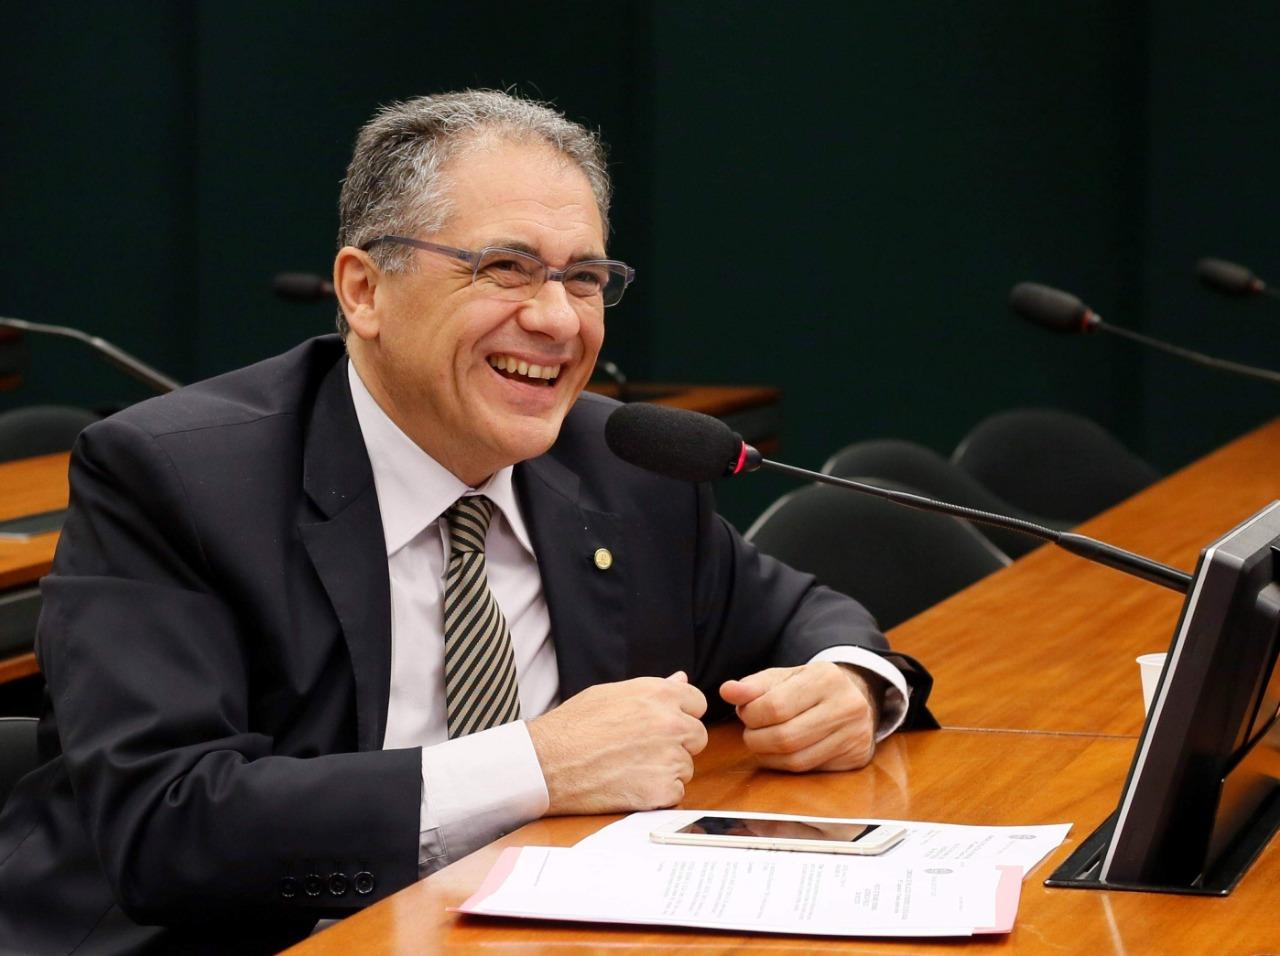 Boletim Informativo das atividades do mandato – Junho de 2019